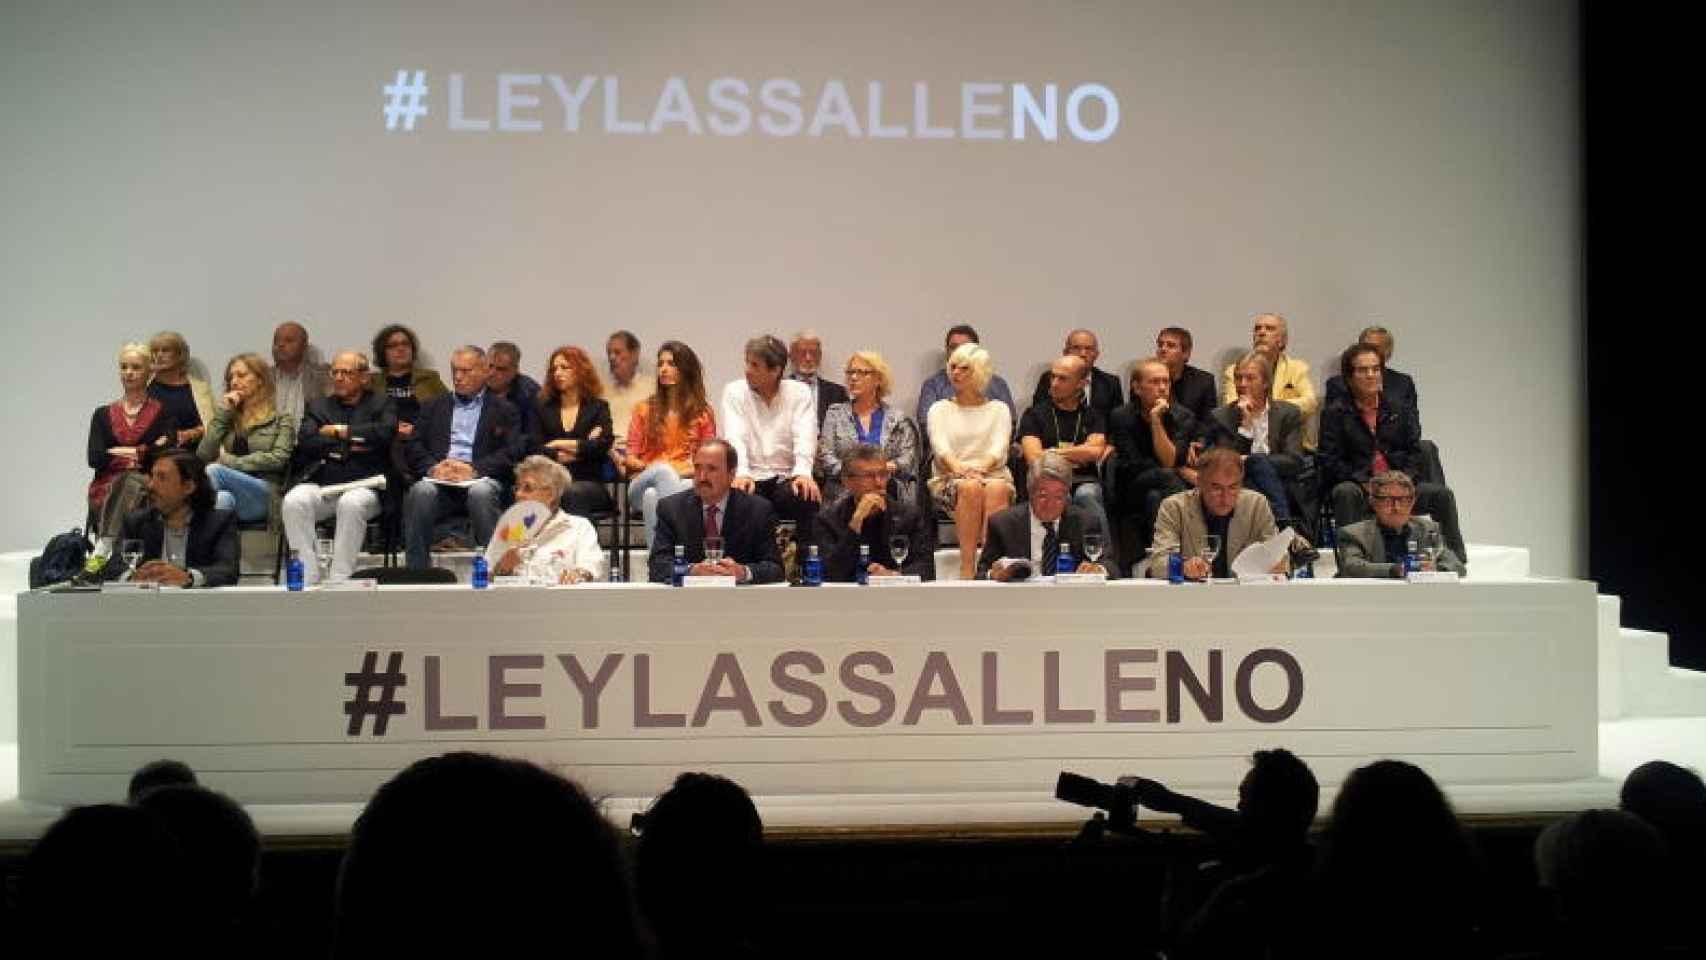 Reunión en el Círculo de Bellas Artes contra Lassalle, en 2014.